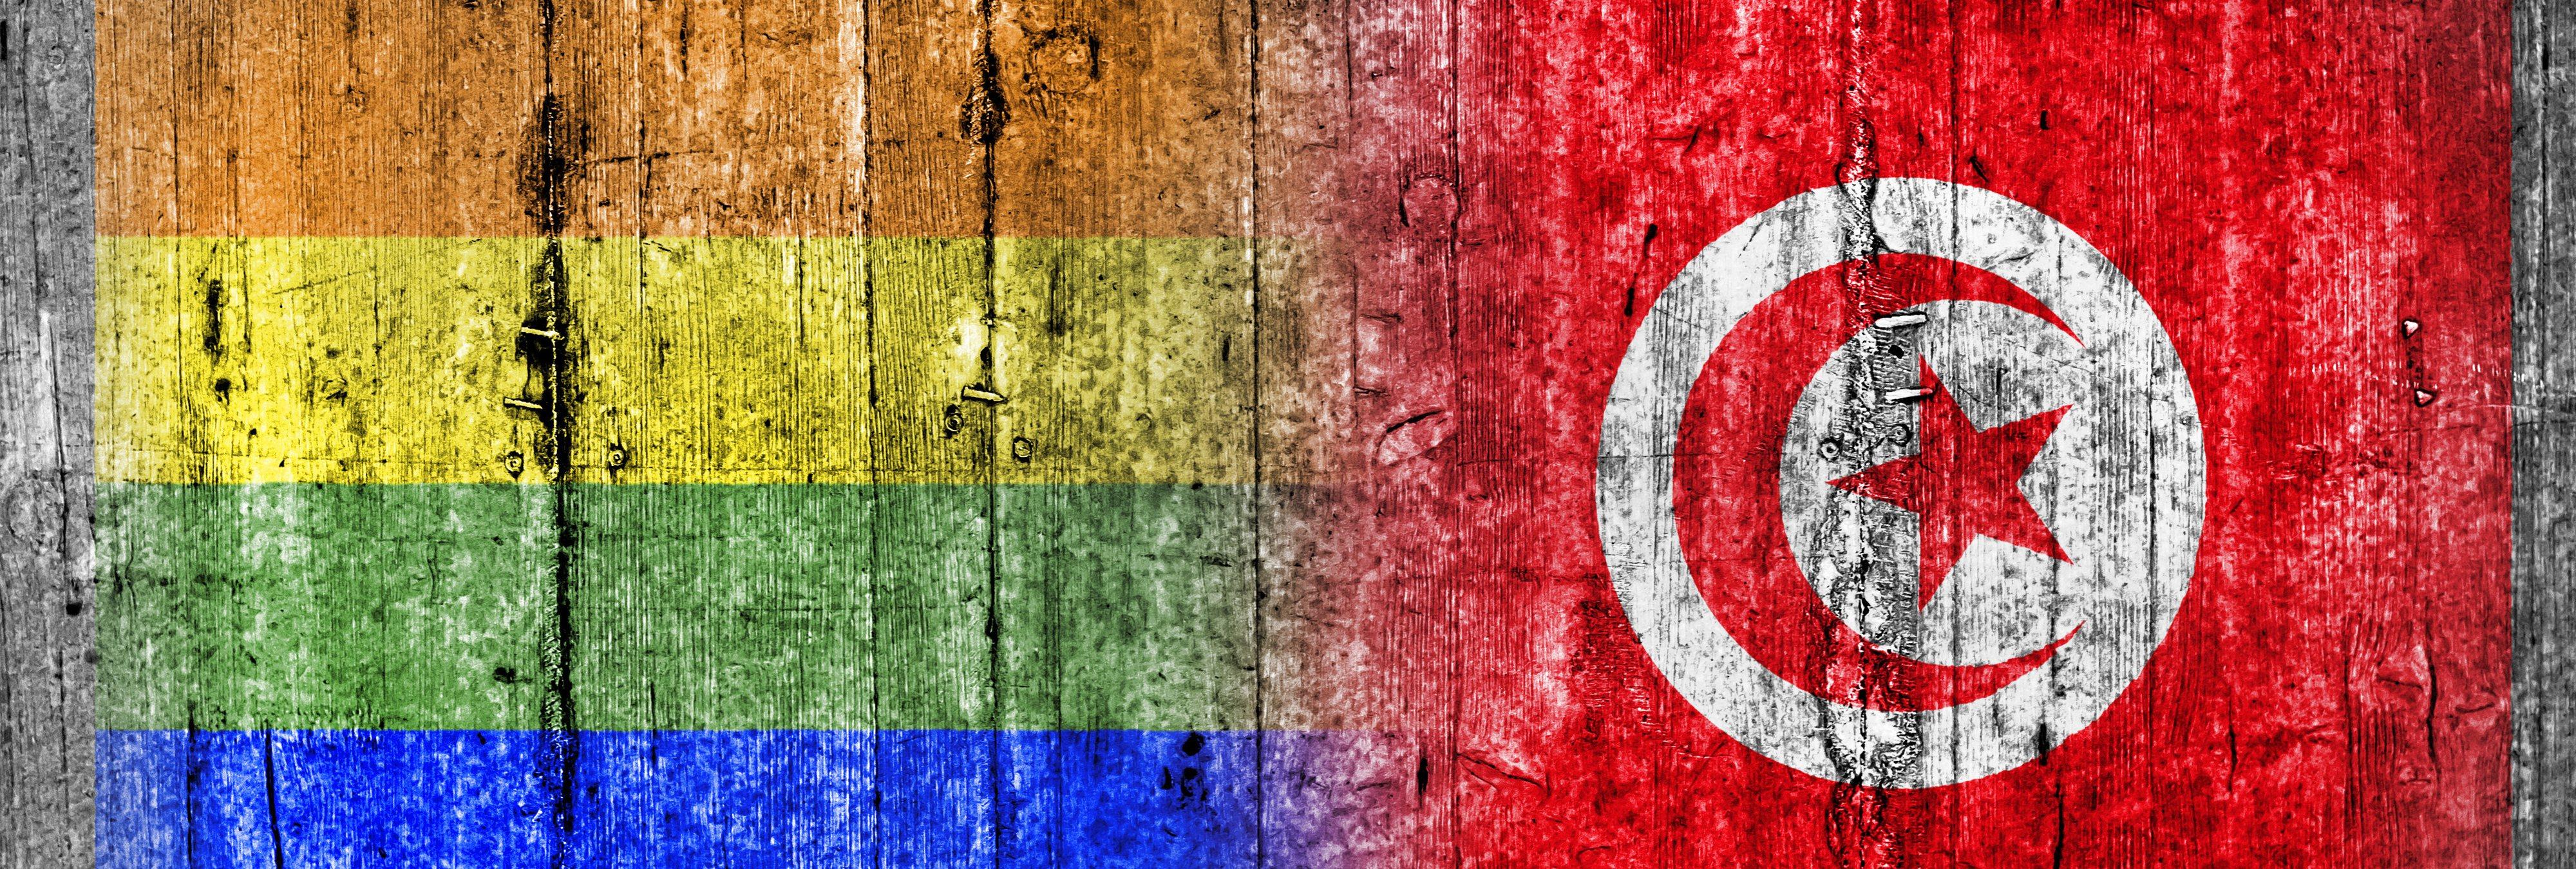 Un joven tunecino víctima de una violación acaba detenido por mantener relaciones homosexuales